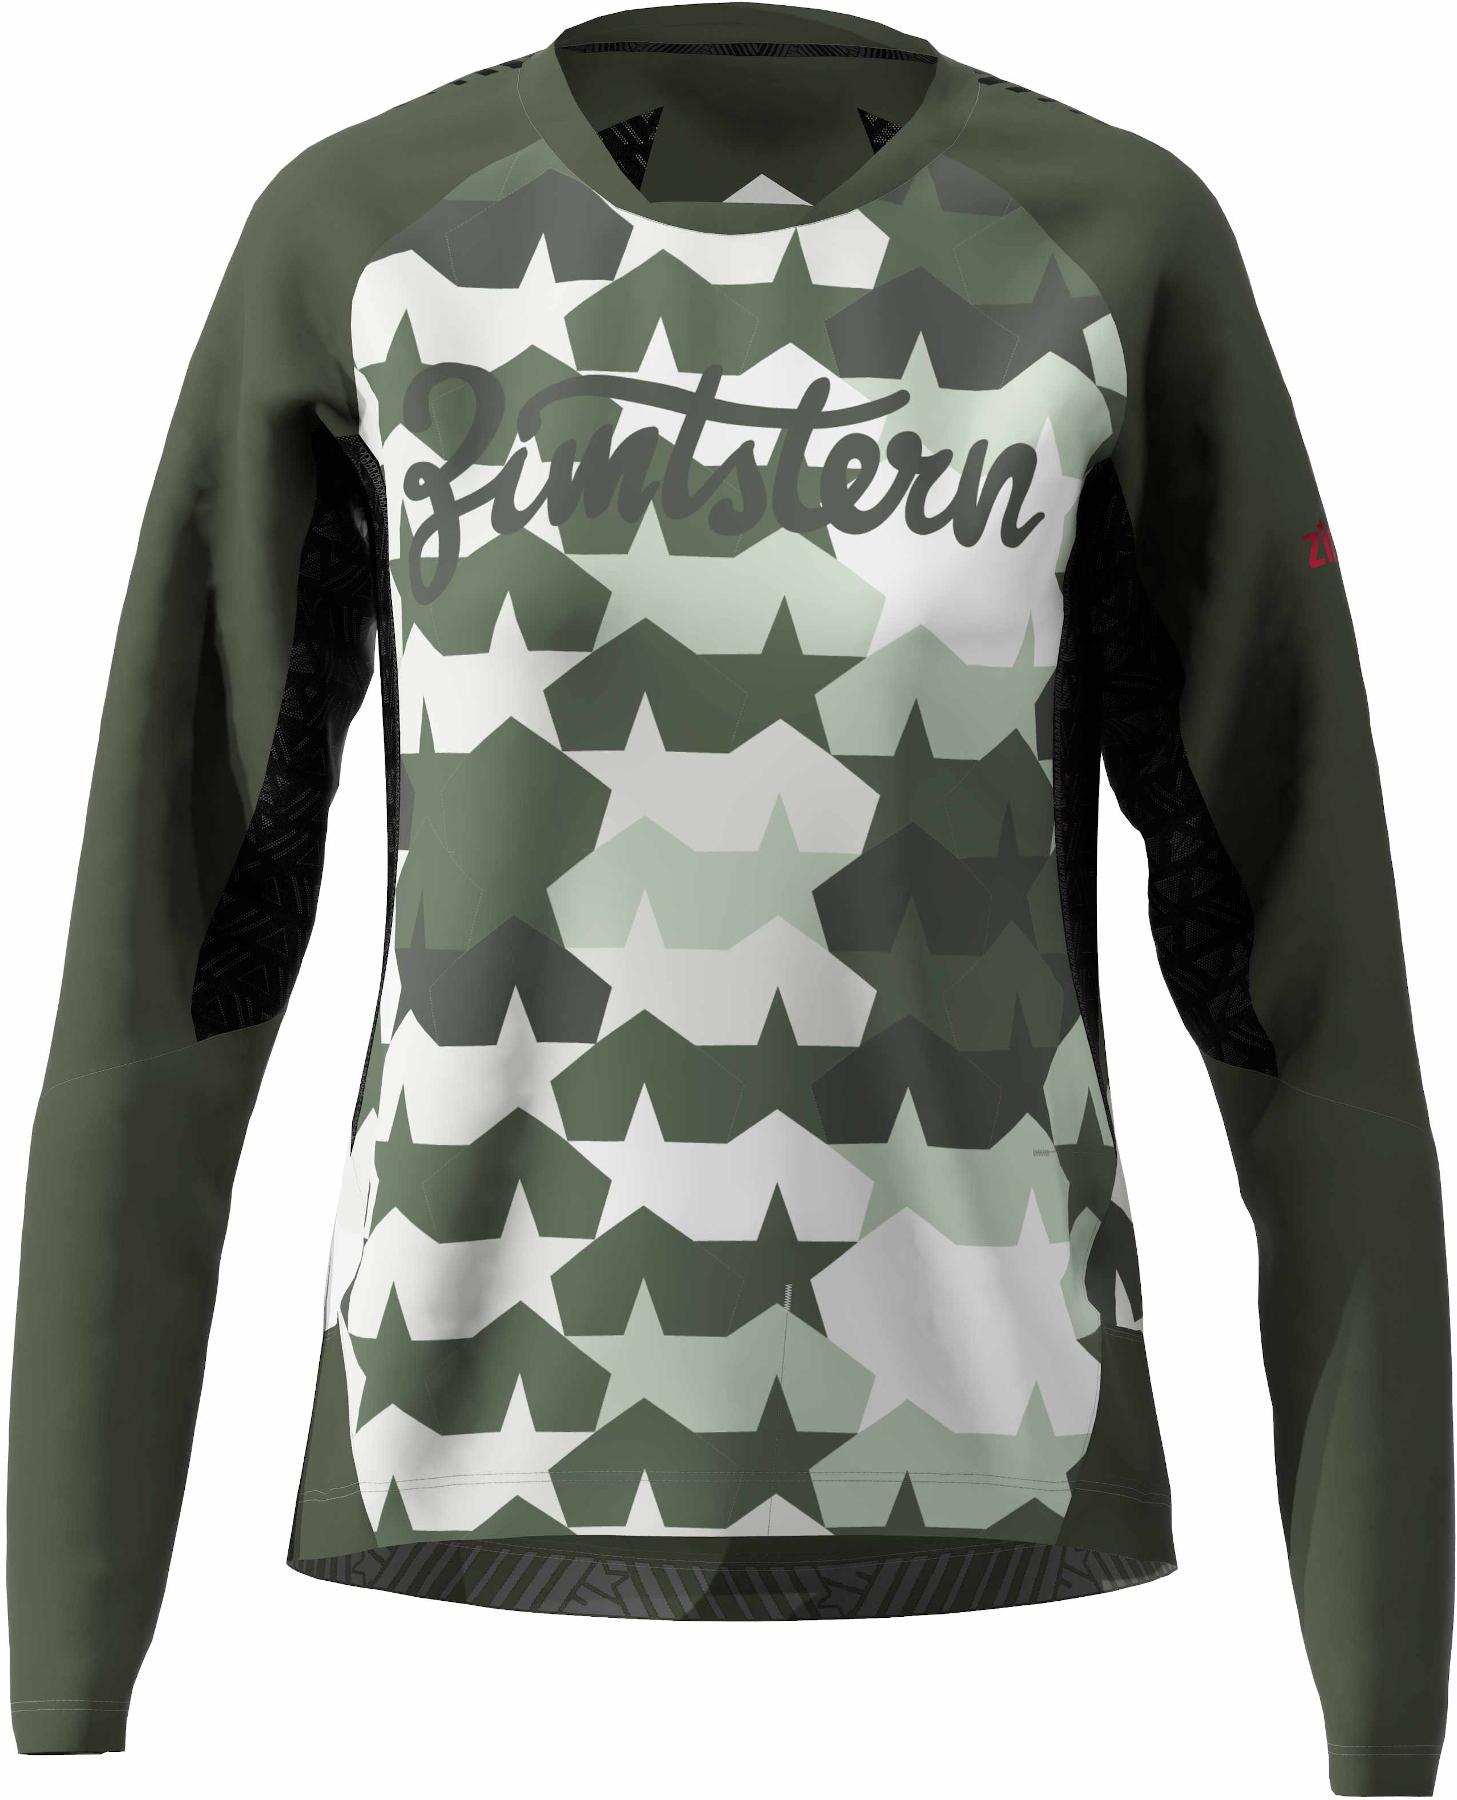 Zimtstern TechZonez MTB-Langarmshirt für Damen - fog green/forest night/jester red